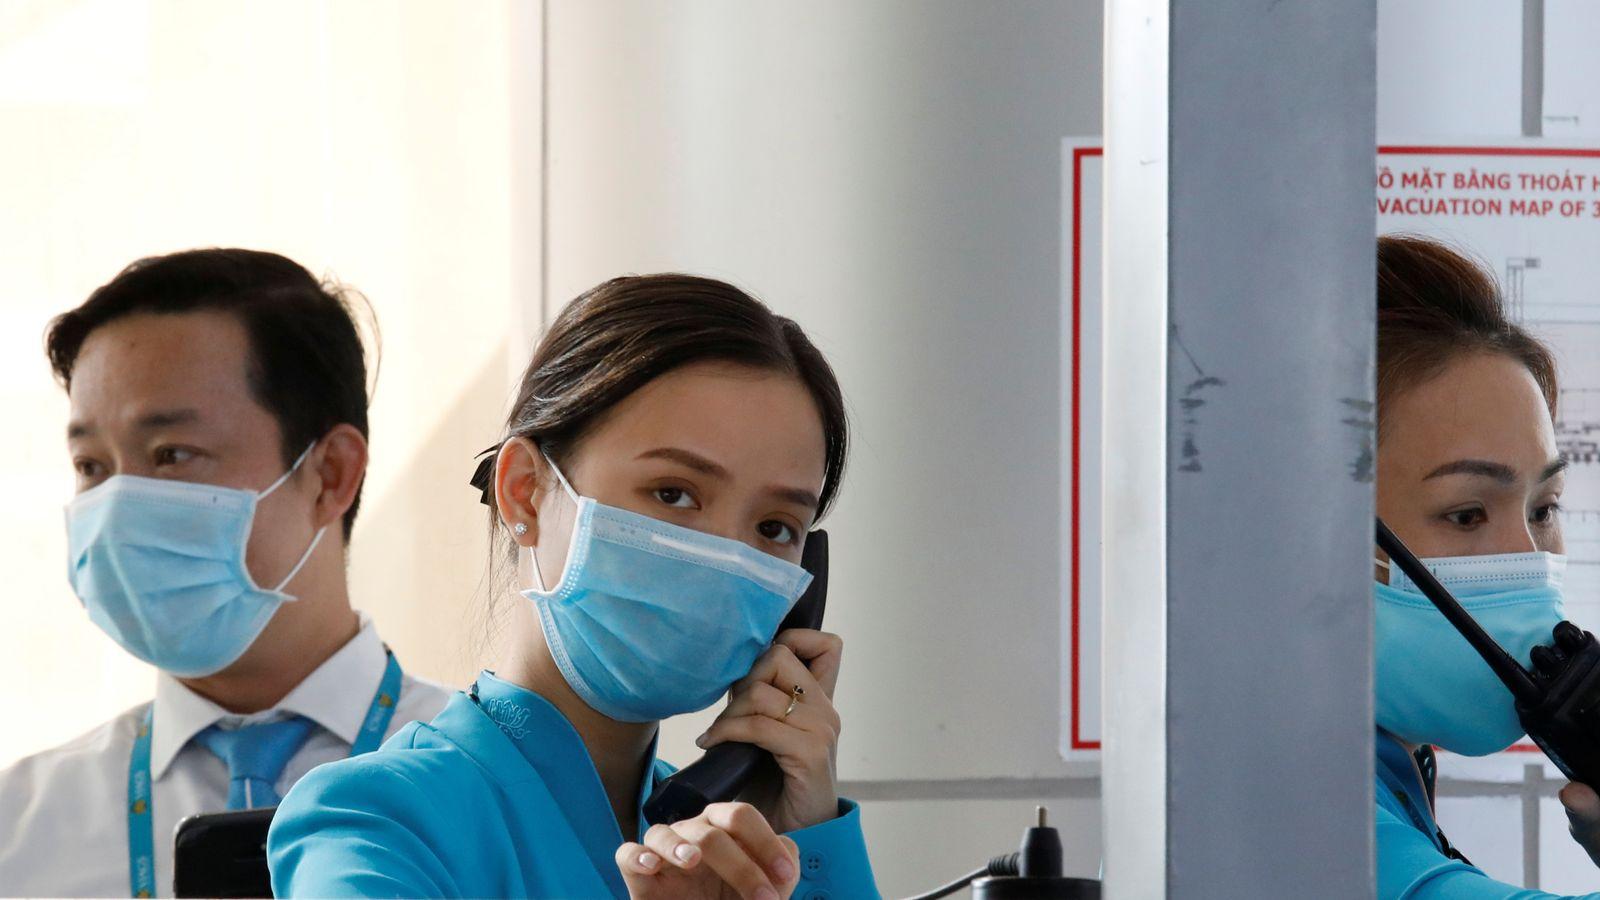 Báo nước ngoài viết về phản ứng của VN sau khi phát hiện ca nhiễm Covid-19 ở Đà Nẵng - 1